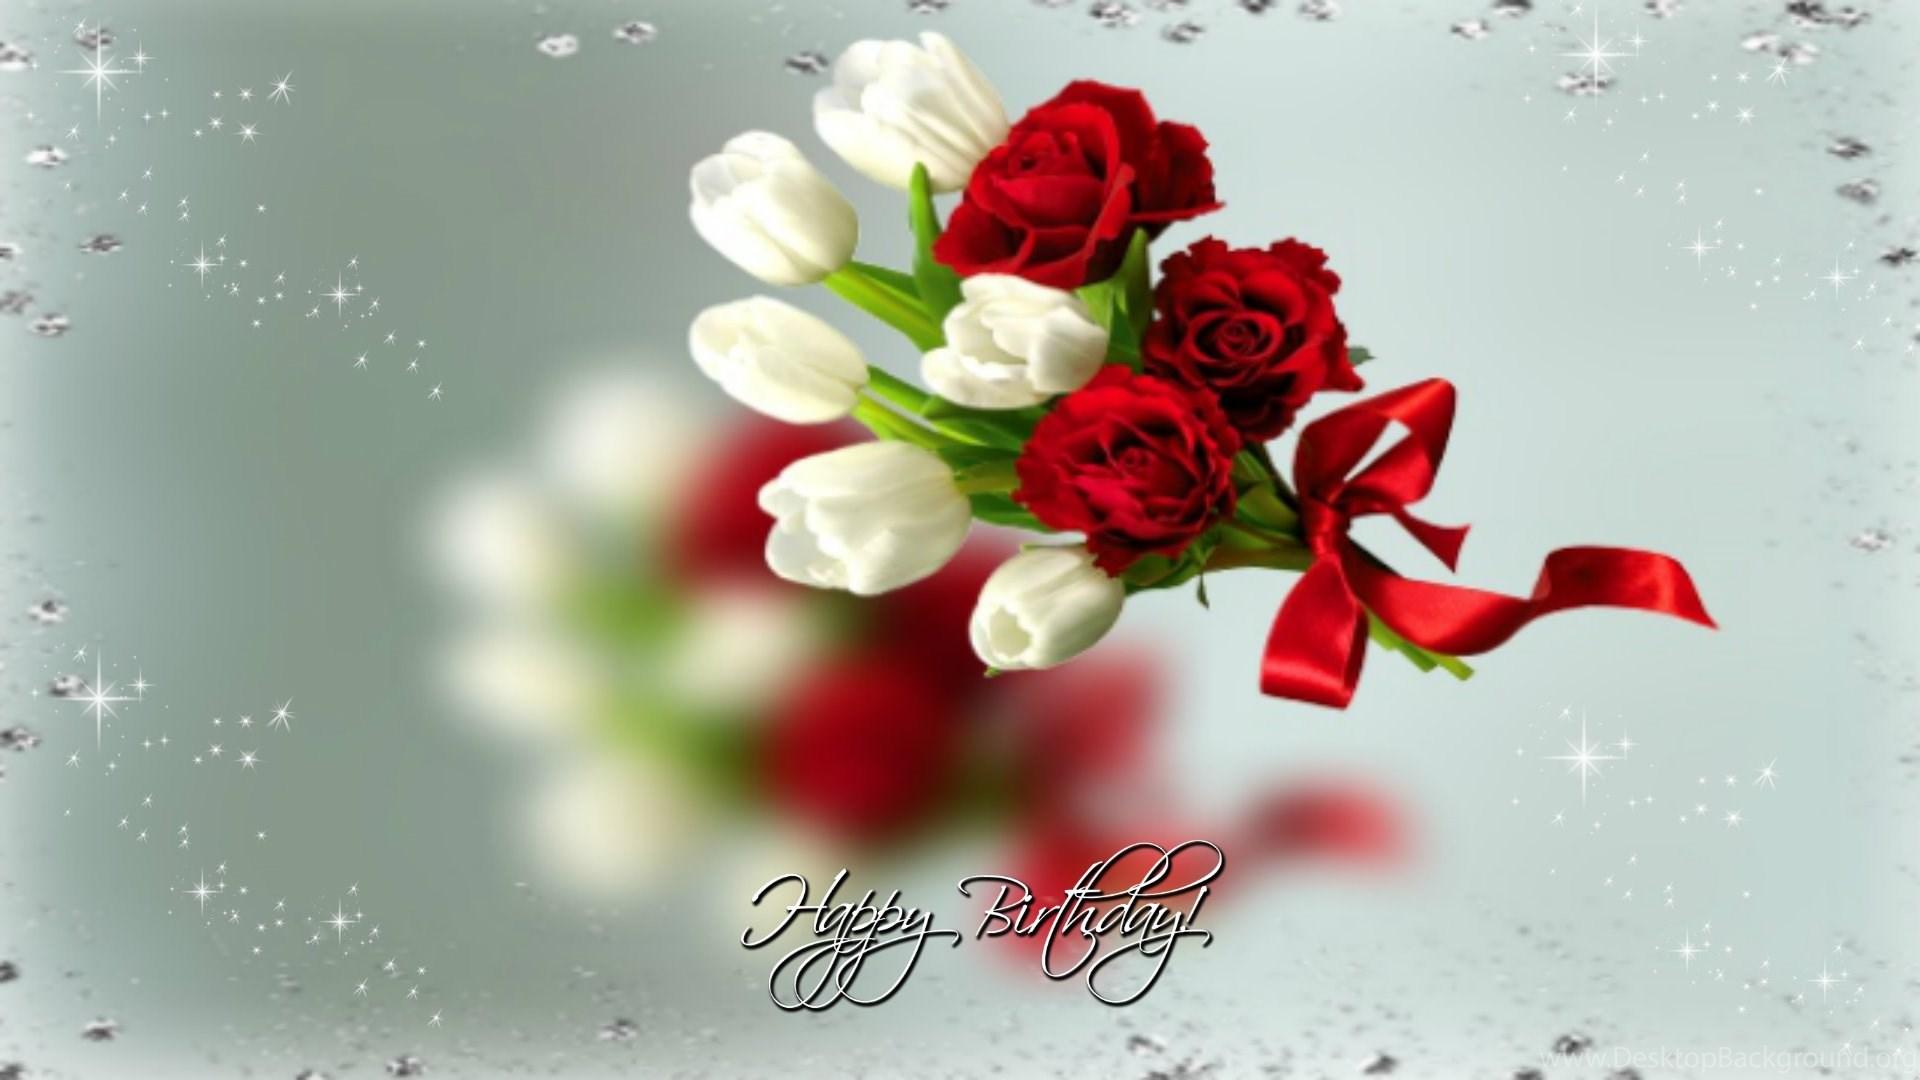 Красивые открытки на день рождения женщине трогательное, влюбленная